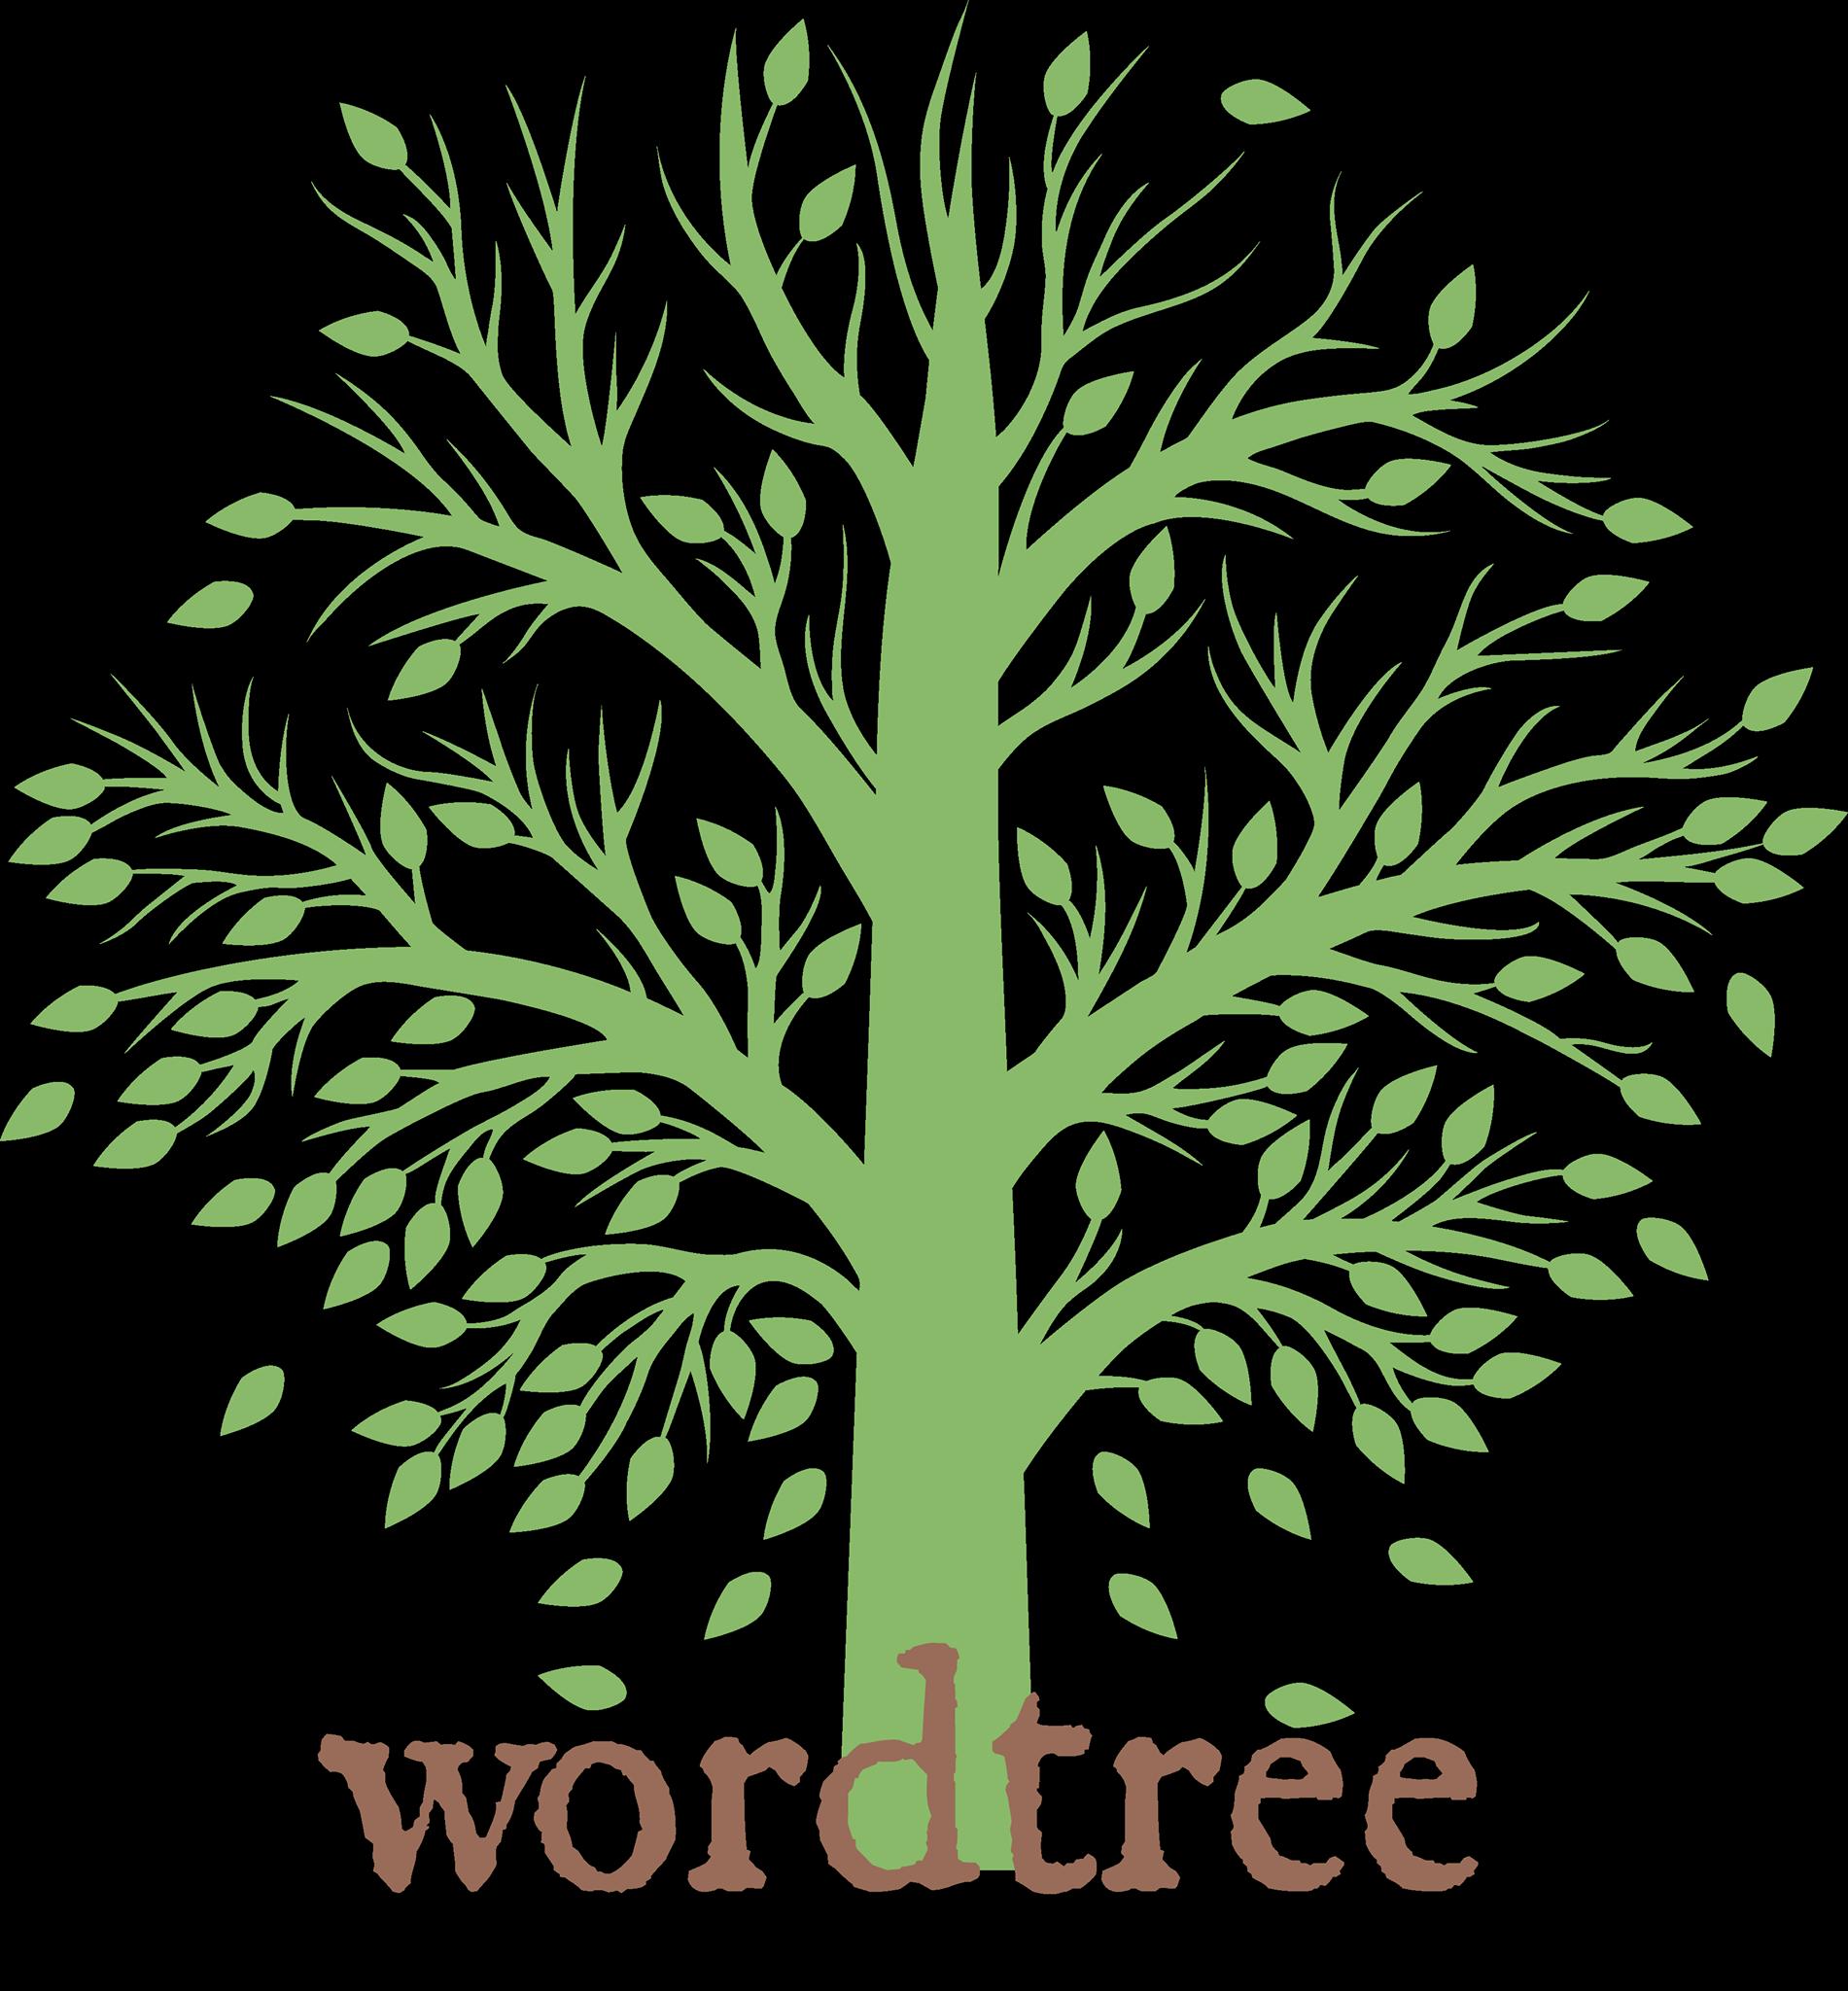 Wordtree